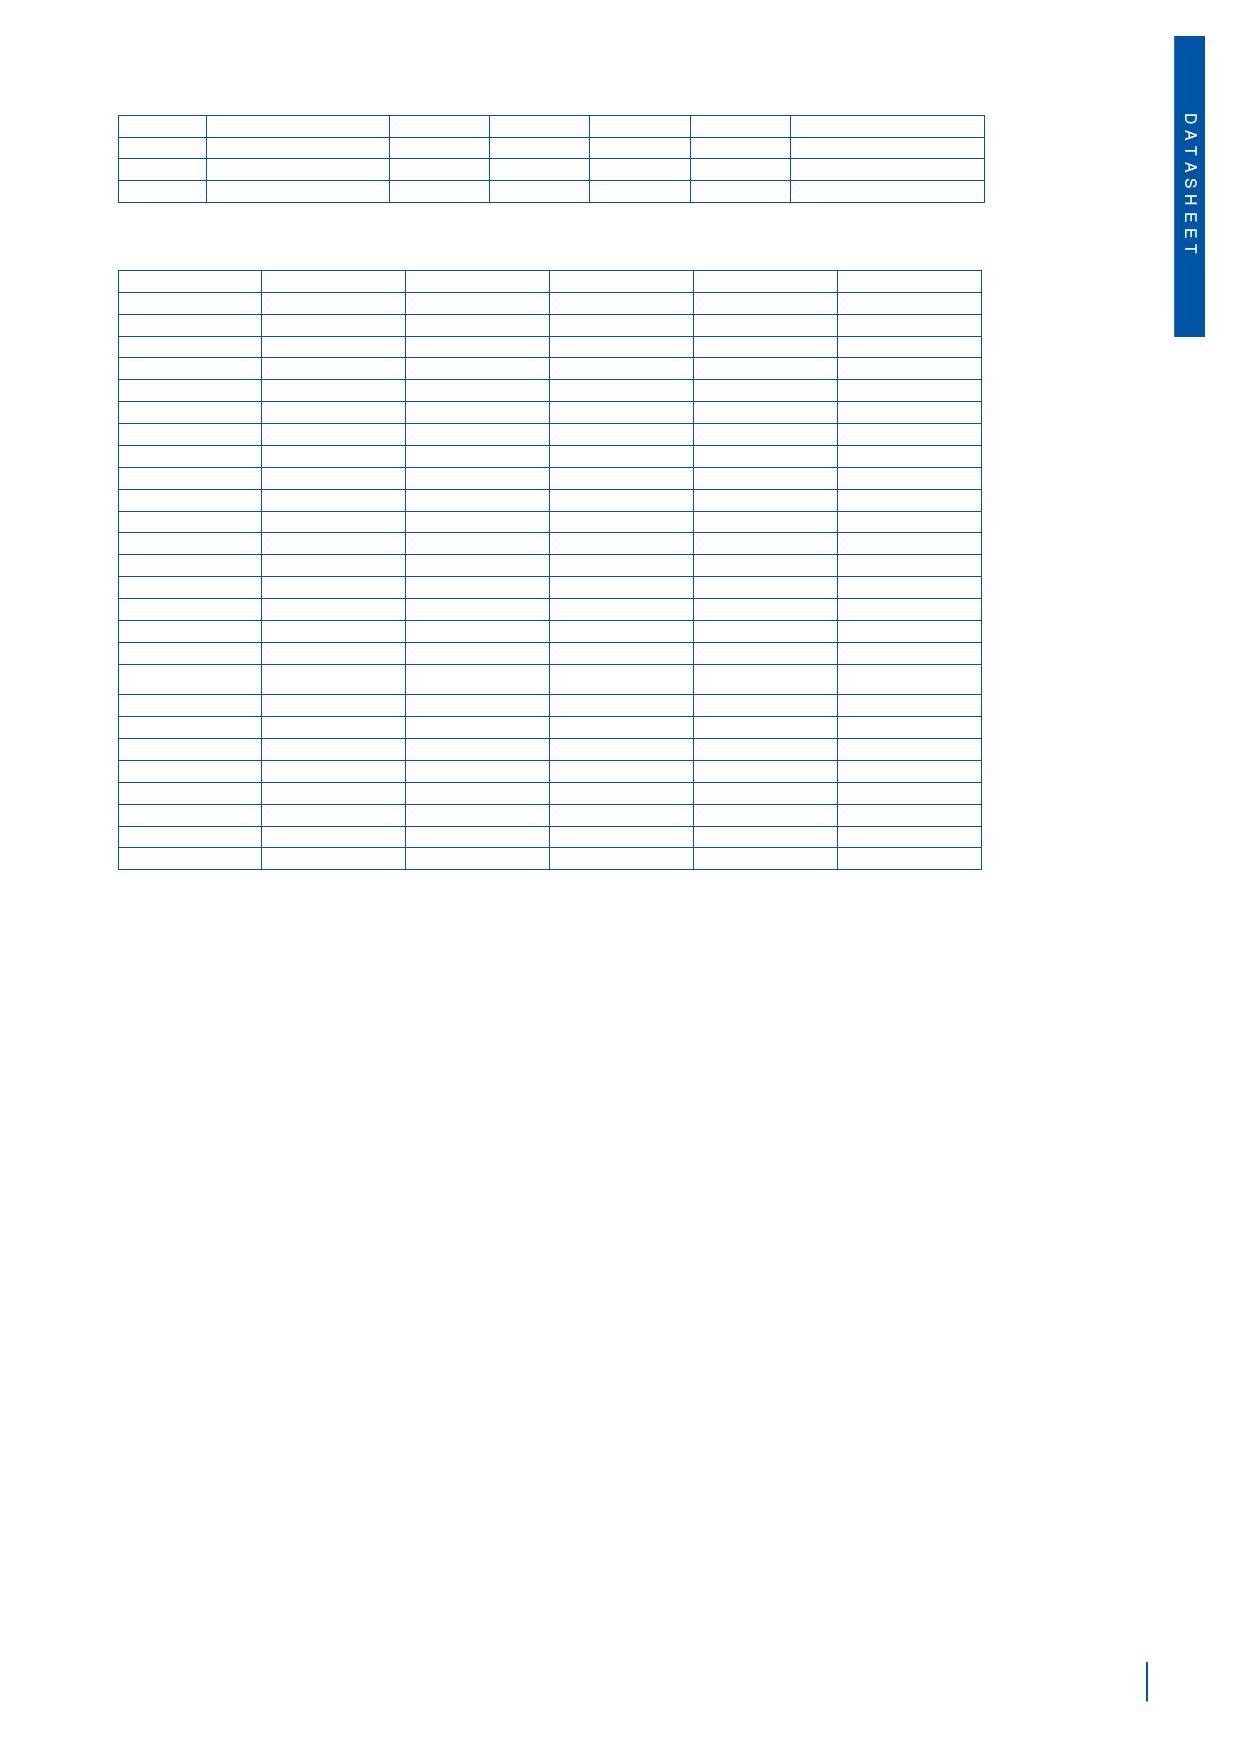 TPS232 pdf, arduino